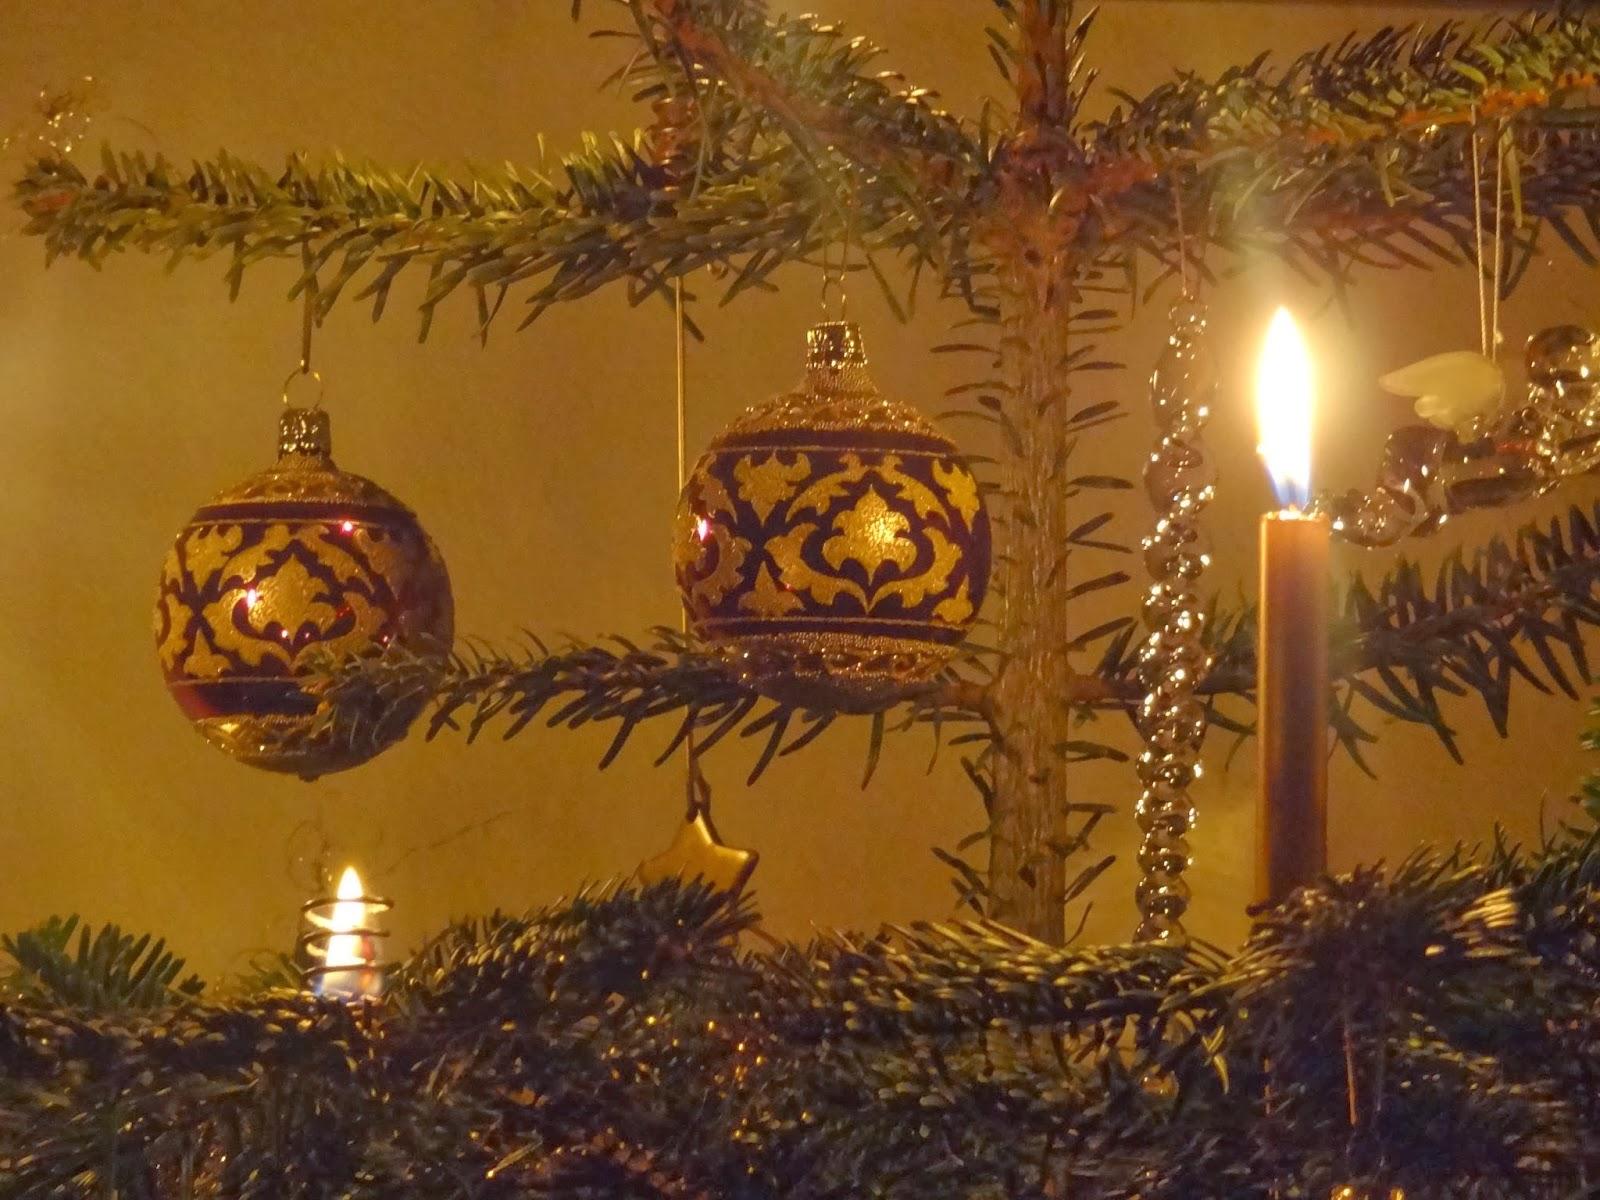 Theologie: Ein gutes von Gott gesegnetes neues Jahr wünsch ich allen ...